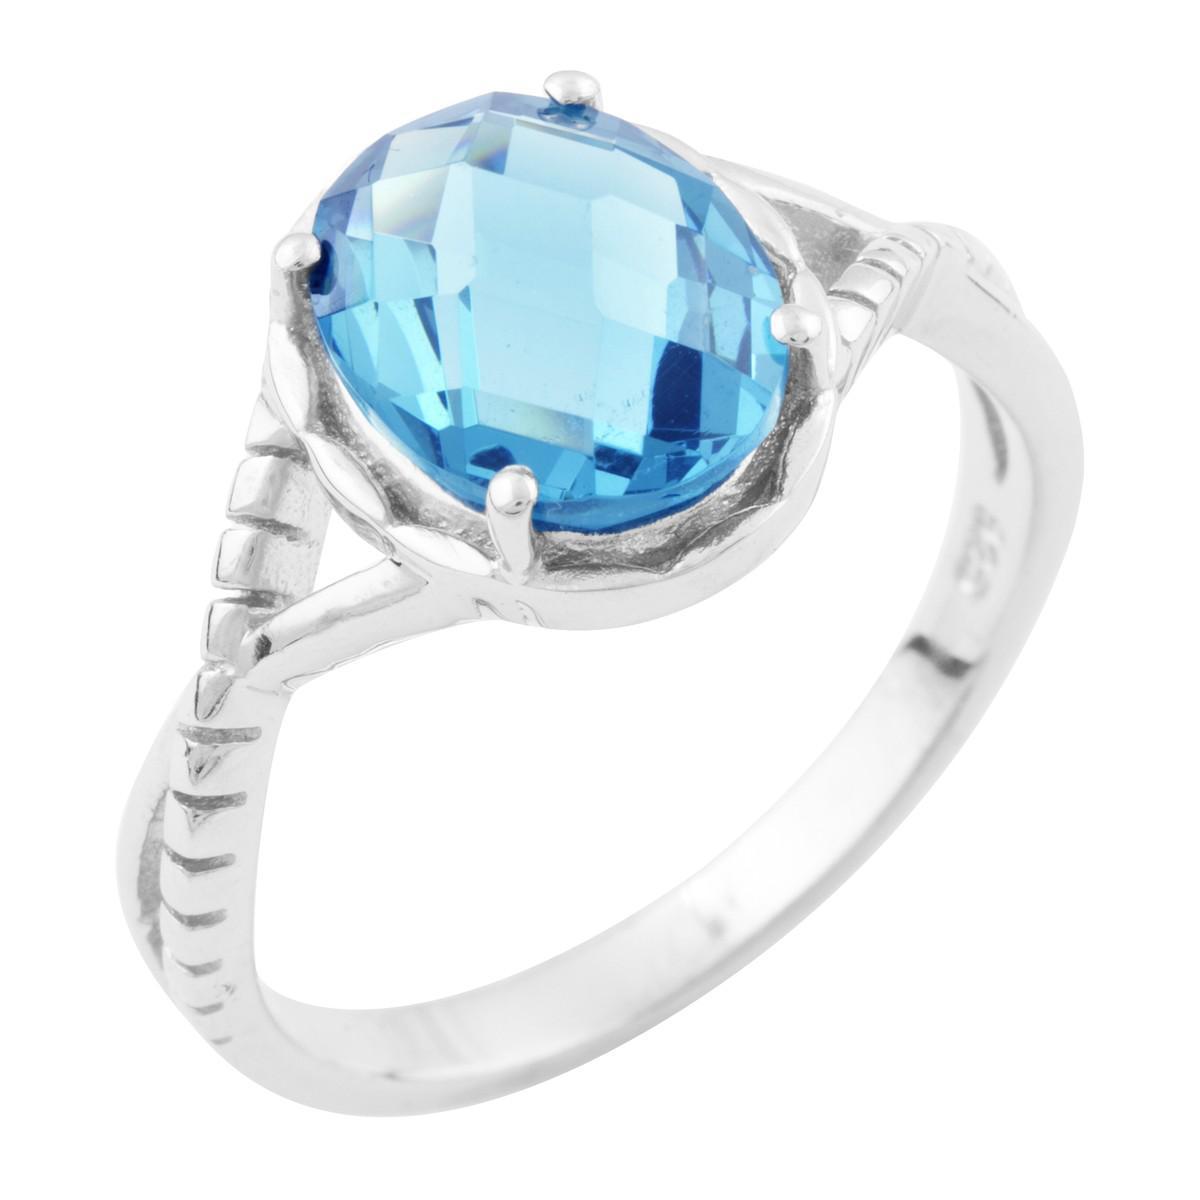 Серебряное кольцо pSilverAlex с натуральным топазом Лондон Блю (1634288) 18 размер